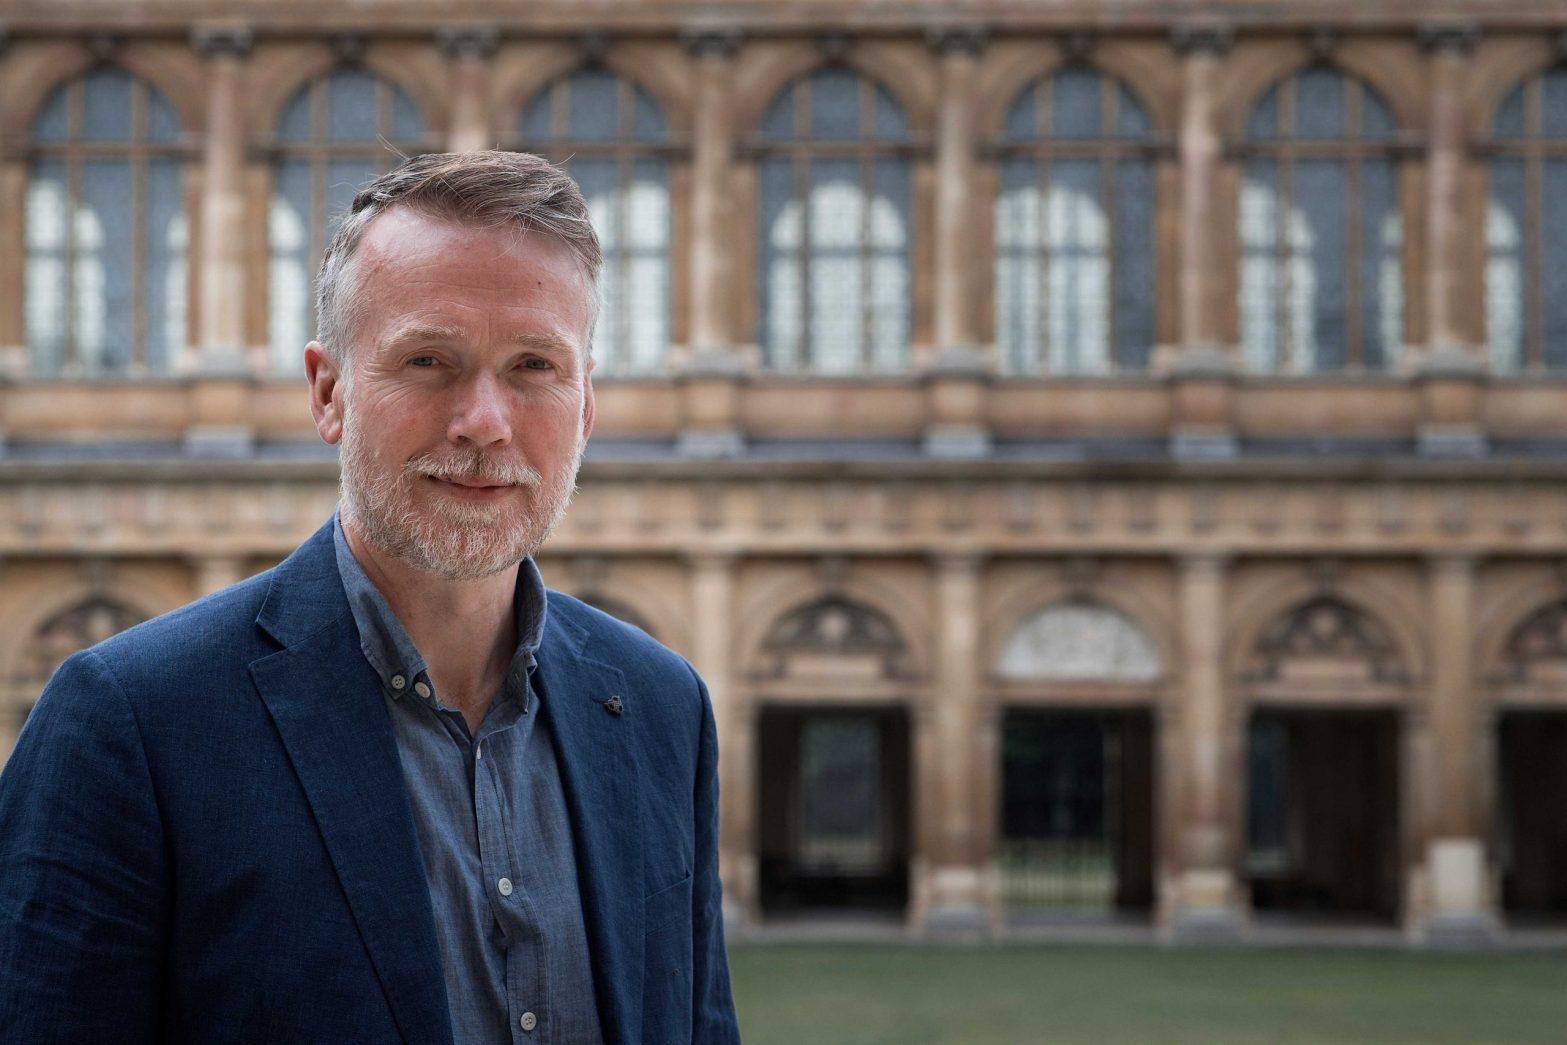 Richard Turnill, Senior Bursar Trinity College